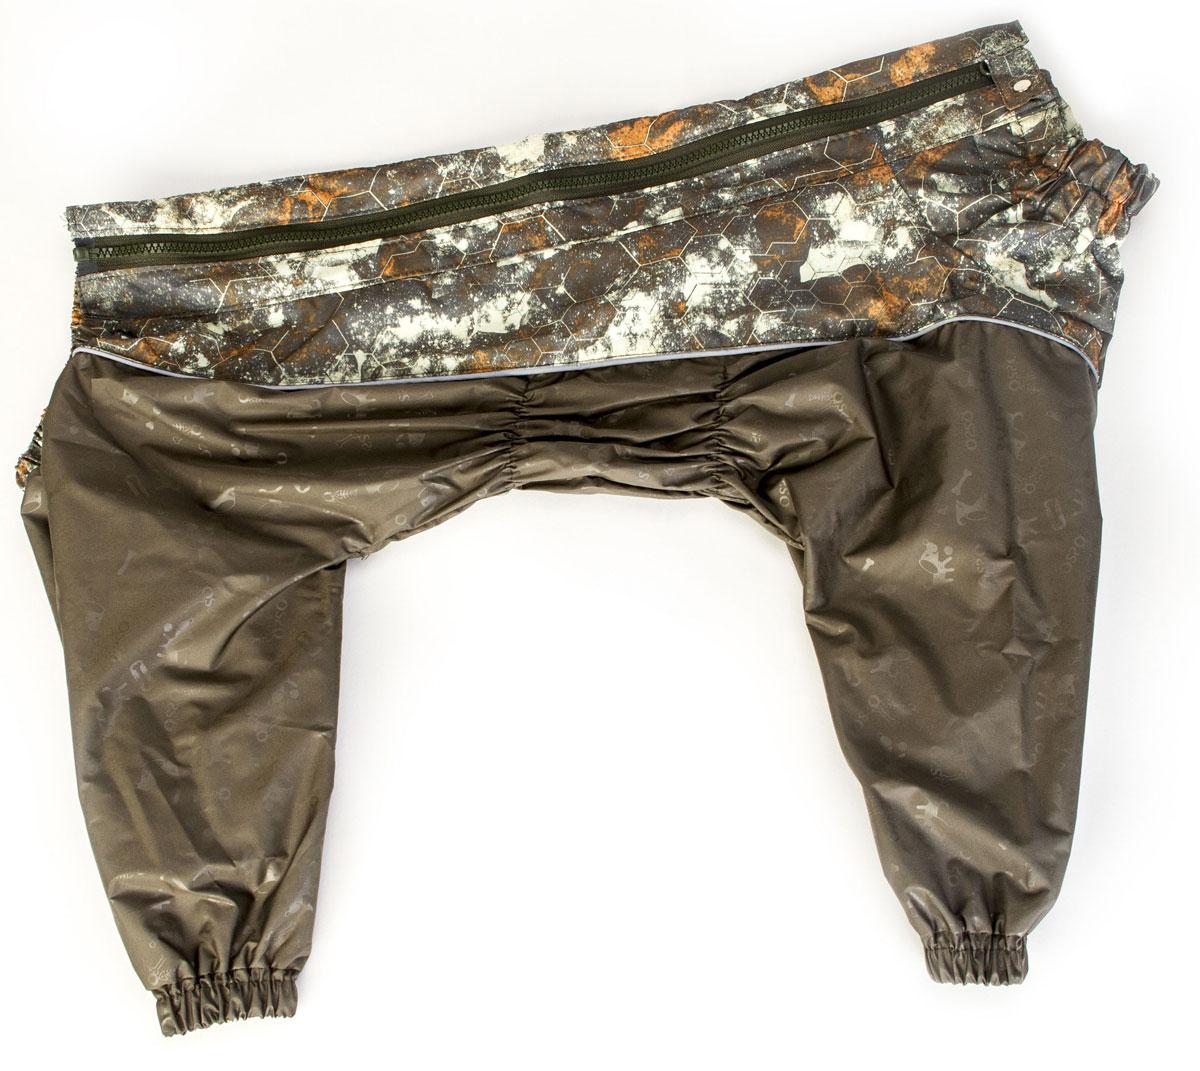 Комбинезон для собак Osso Fashion, для мальчика, цвет: хаки. Размер 60К-1028-хаки-вставкаКомбинезон для собак без подкладки из водоотталкивающей и ветрозащитной ткани (100% полиэстер). Предназначен для прогулок в межсезонье, в сырую погоду для защиты собаки от грязи и воды. В комбинезоне используется отделка со светоотражающим кантом и тракторная молния со светоотражающей полосой. Комбинезон для собак эргономичен, удобен, не сковывает движений собаки при беге, во время игры и при дрессировке. Комфортная посадка по корпусу достигается за счет резинок-утяжек под грудью и животом. На воротнике имеется кнопка для фиксации. От попадания воды и грязи внутрь комбинезона низ штанин также сборен на резинку. Рекомендуется машинная стирка с использованием средства для стирки деликатных тканей при температуре не выше 40?С и загрузке барабана не более чем на 40% от его объема, отжим при скорости не более 400/500 об/мин, сушка на воздухе – с целью уменьшения воздействия на водоотталкивающую (PU) пропитку ткани. Рекомендации по подбору размера: Размер подбирается по длине спины собаки....